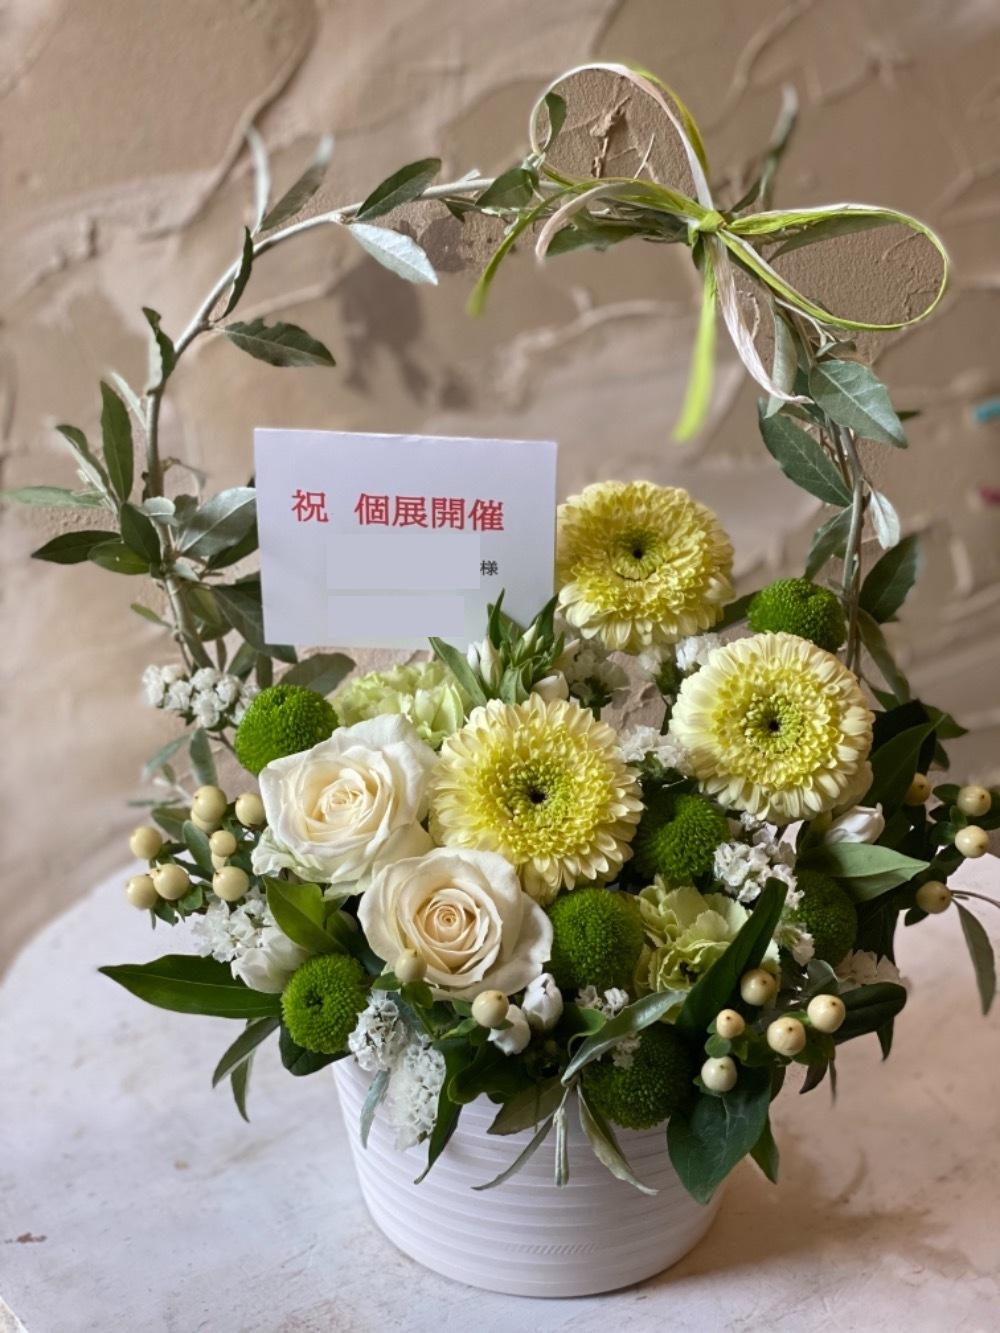 ご友人の個展開催お祝いの白とグリーンを基調としたお祝い花